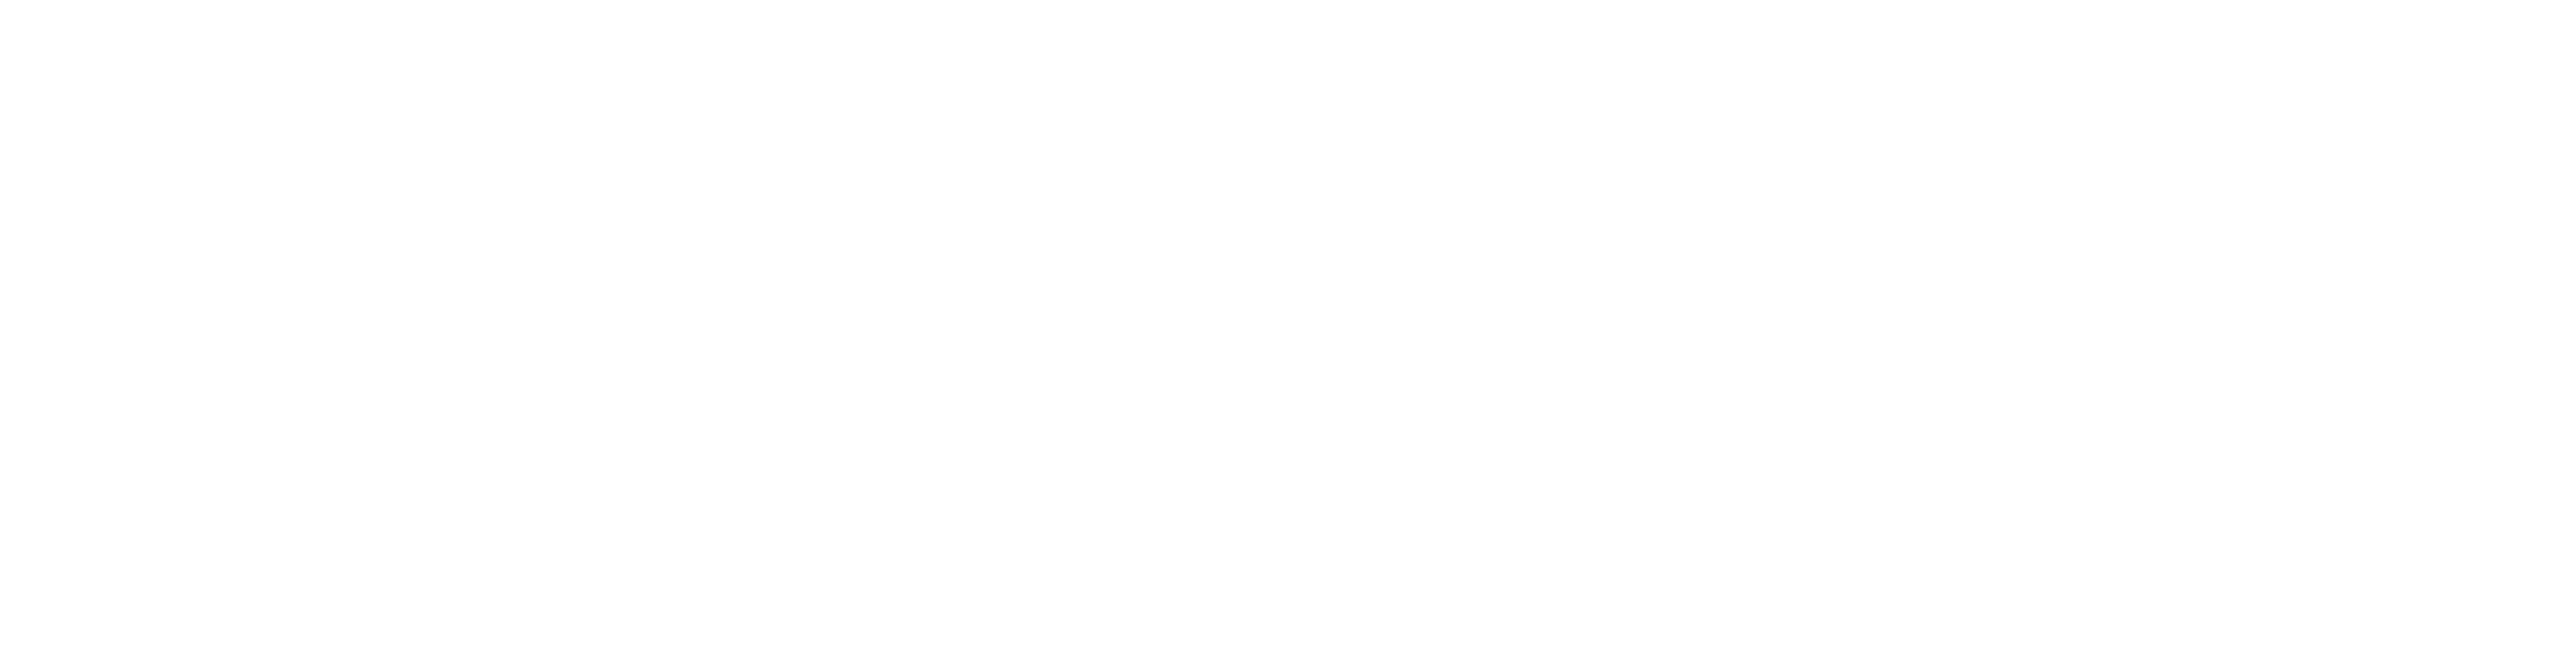 עבודות - ויצו חיפה